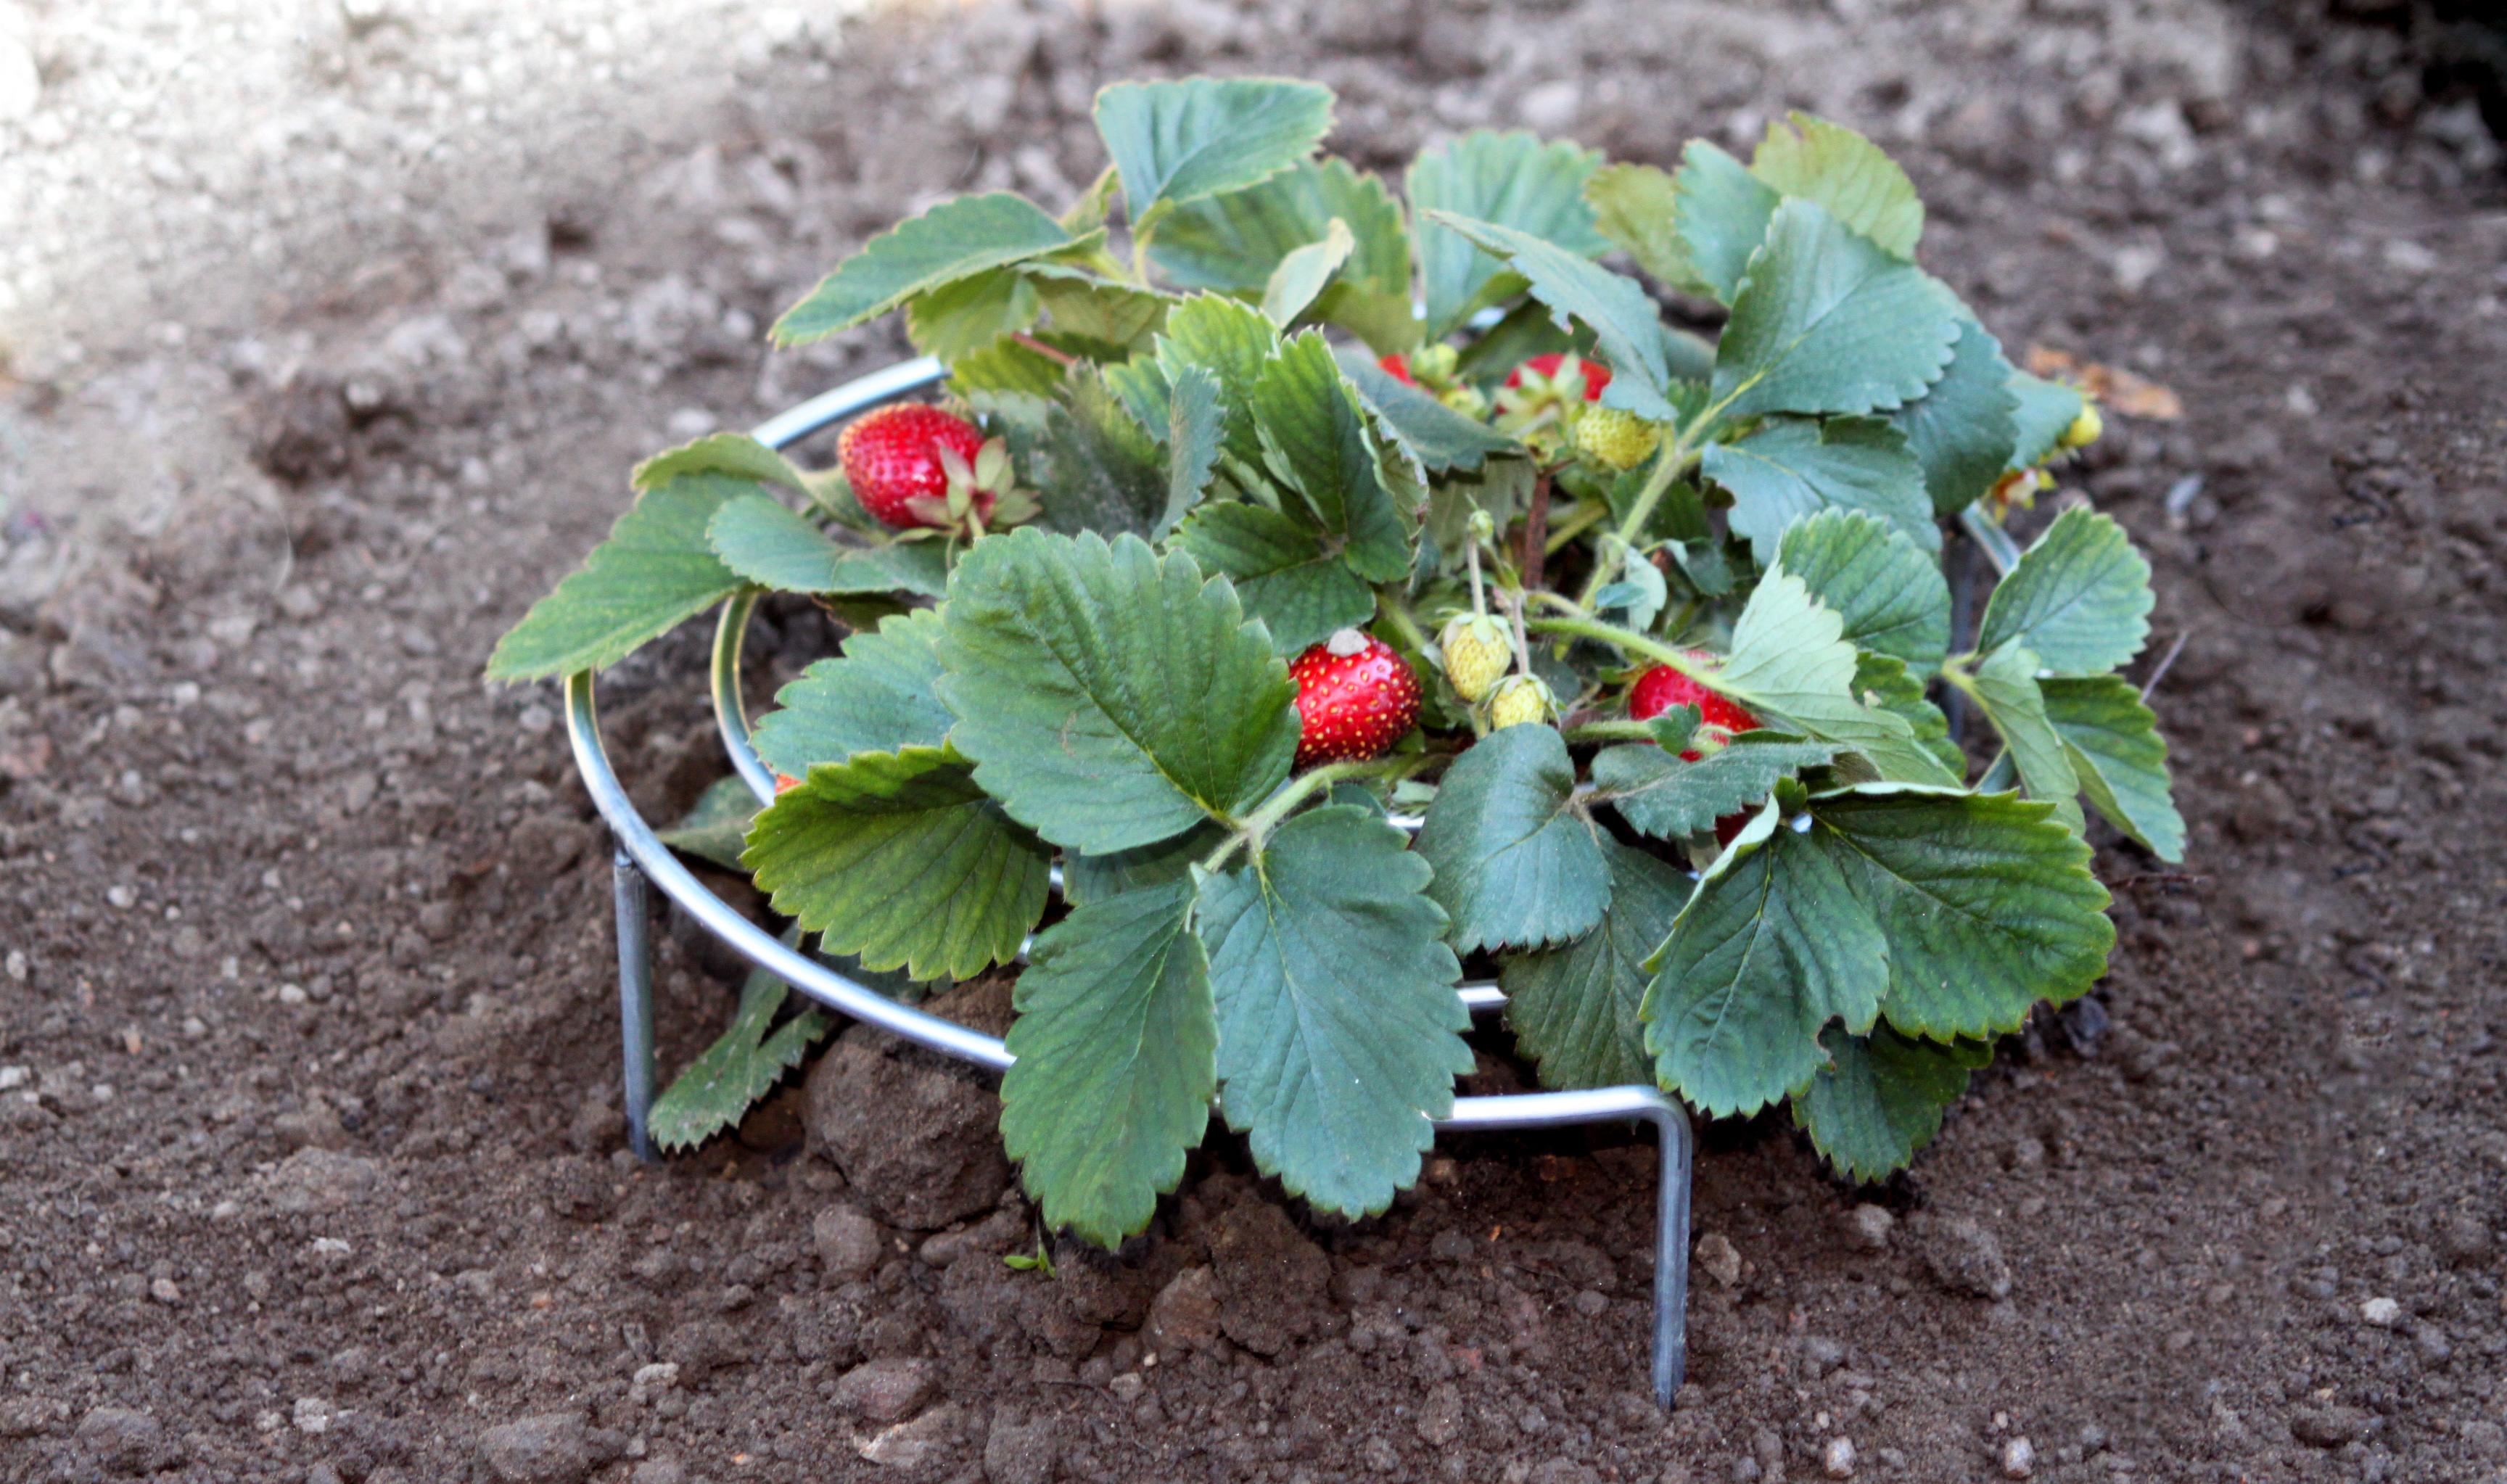 Comment Entretenir Les Fraisiers En Automne comment planter des fraisiers début automne et les